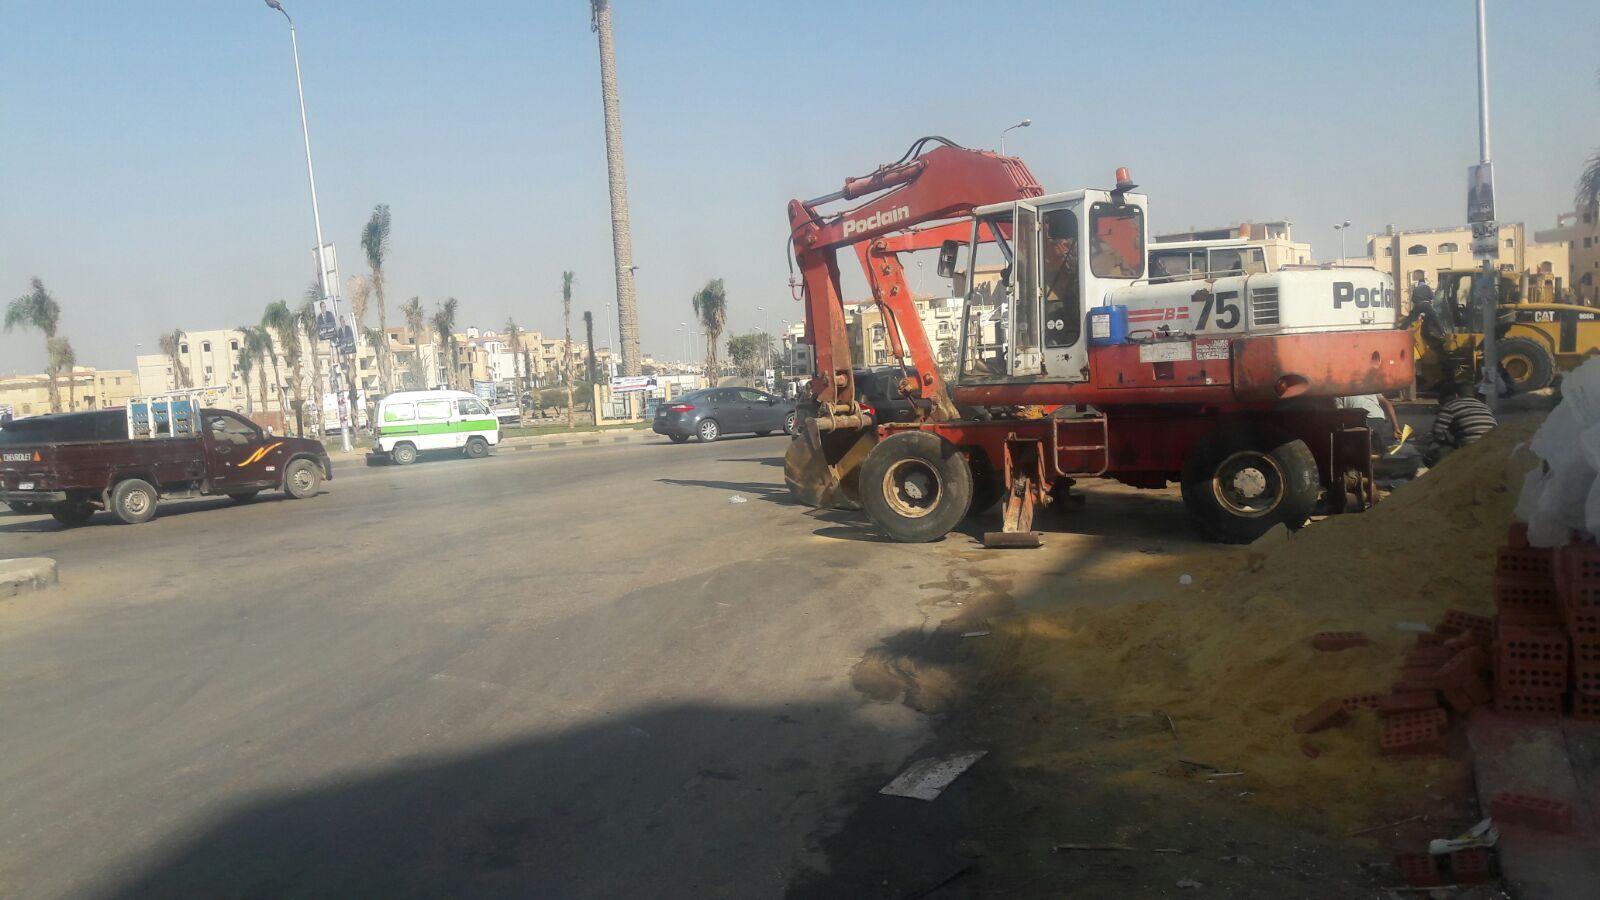 فوضى في ميدان فاطمة الشربتلي وشارع الـ90 بالتجمع الخامس